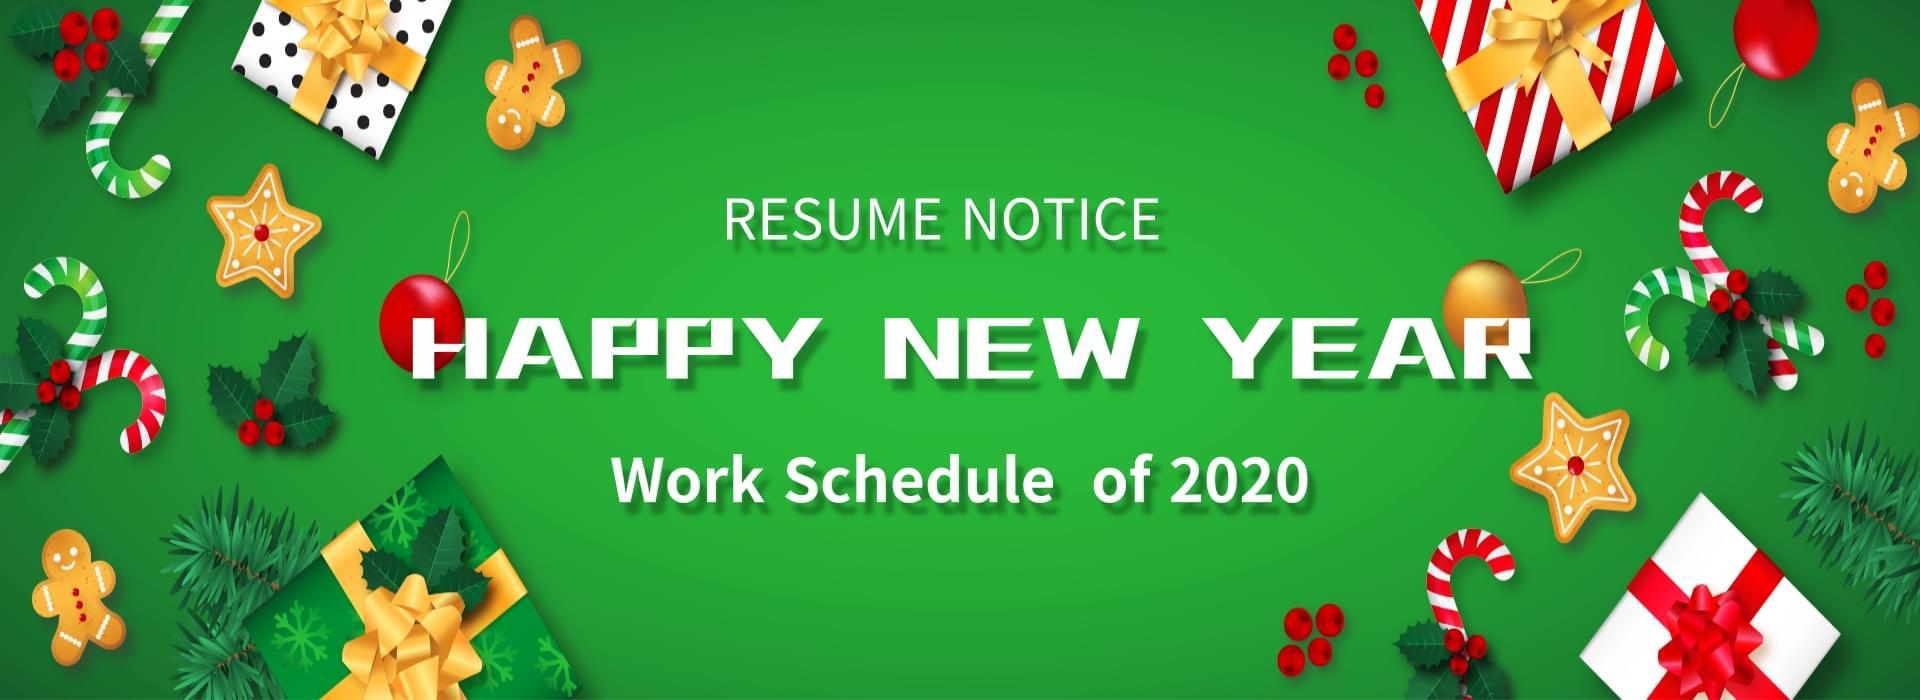 Work Schedule Notice of 2020